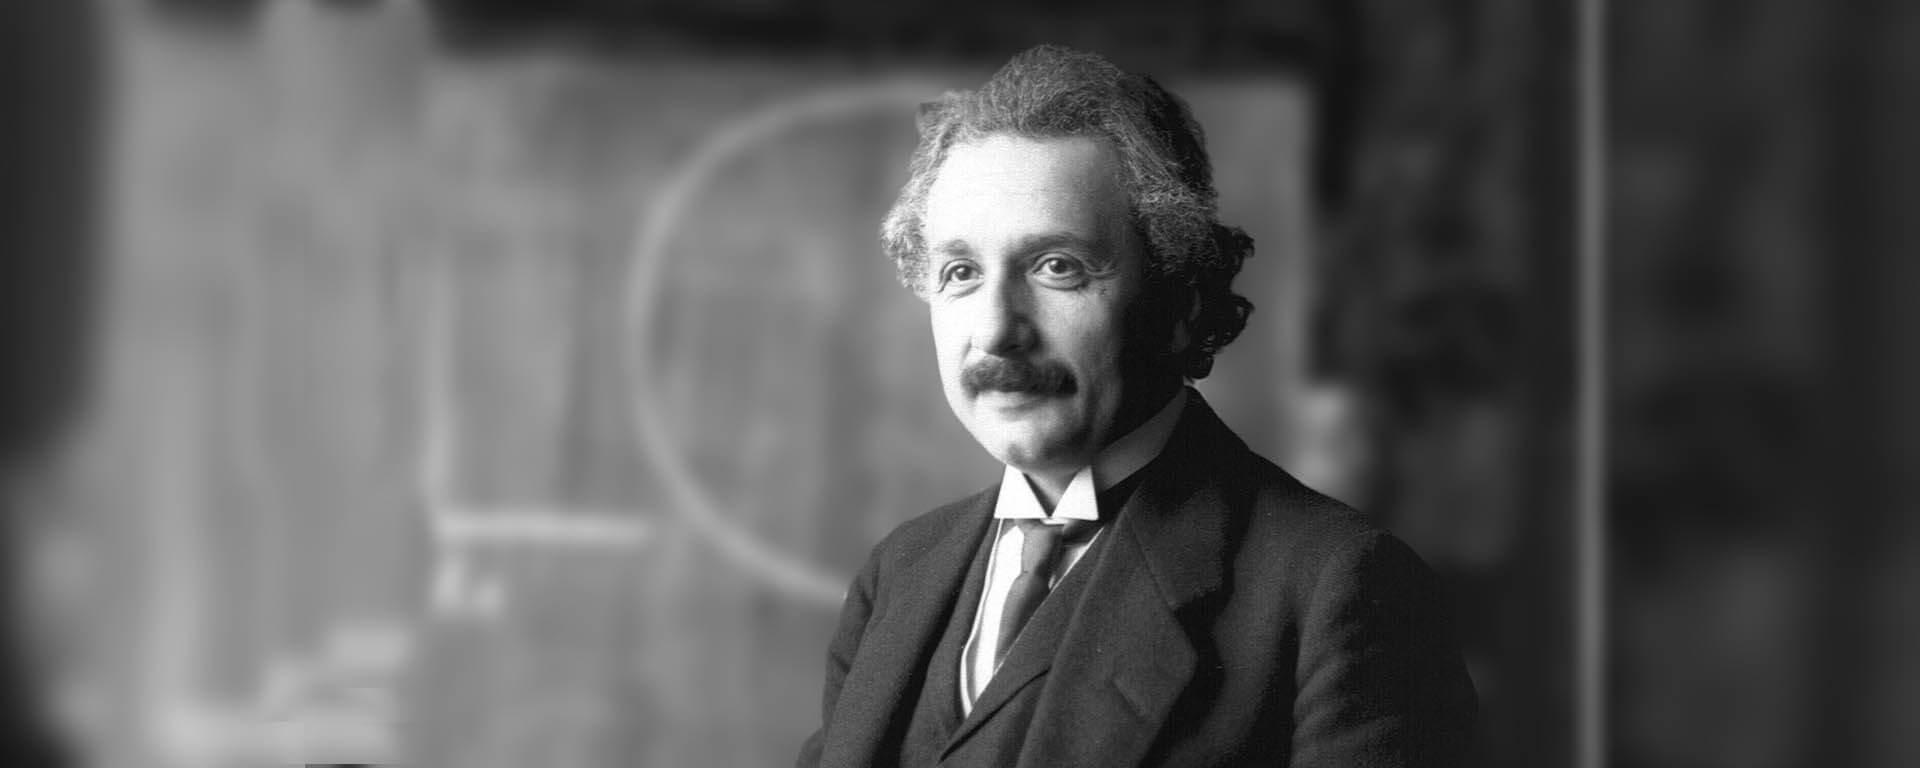 Happy Birthday Einstein | Good Morning Science